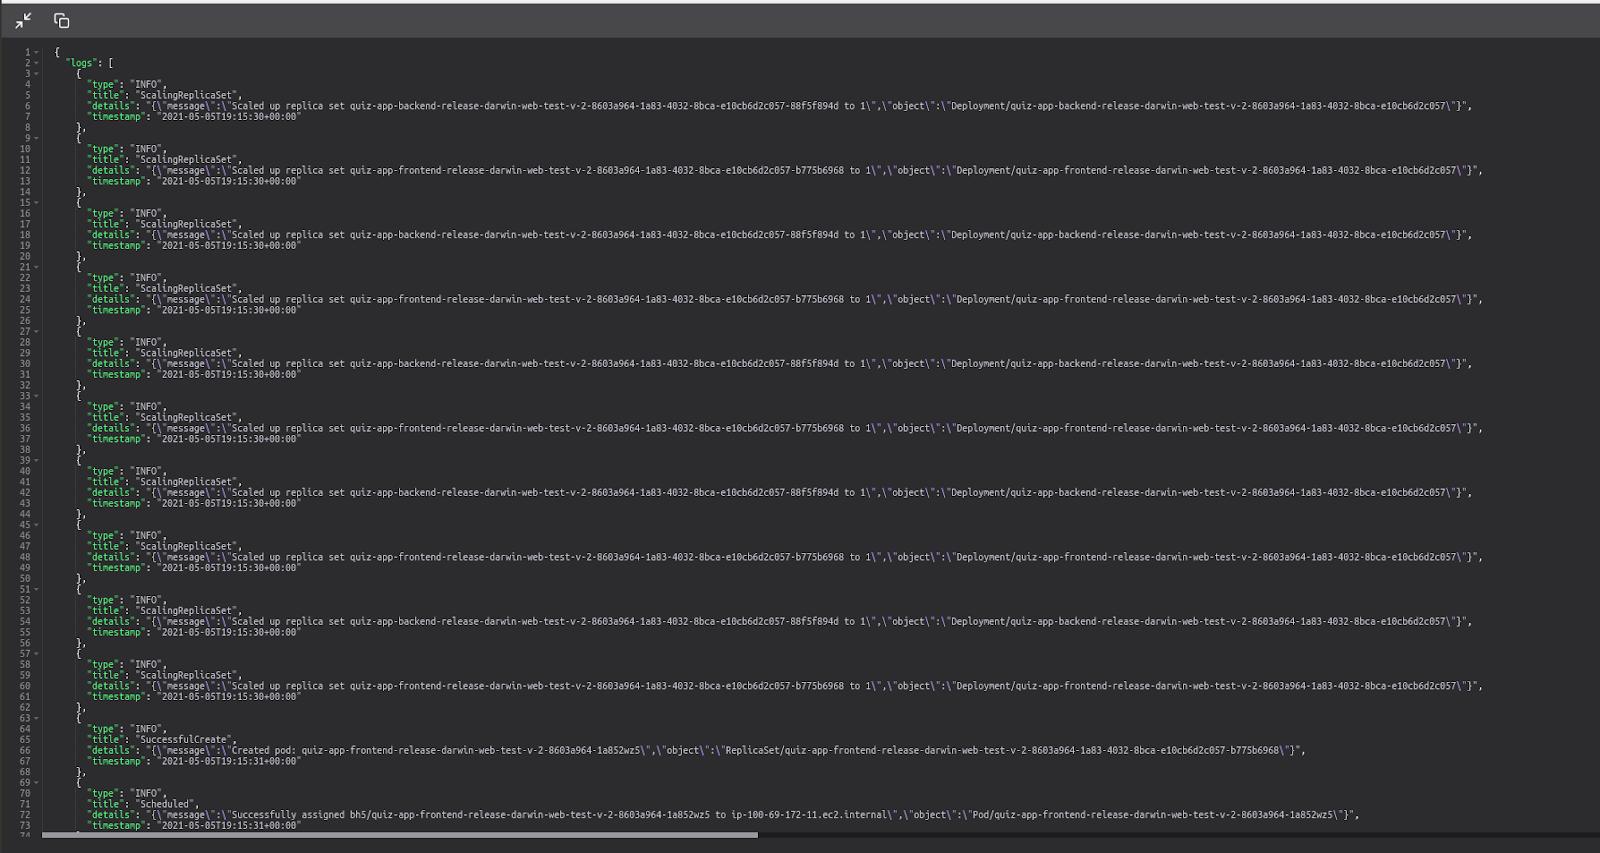 Imagem da nova tela de detalhamento do histórico com a lista dos logs de um deploy realizado. A visualização do log é feita em formato JSON.